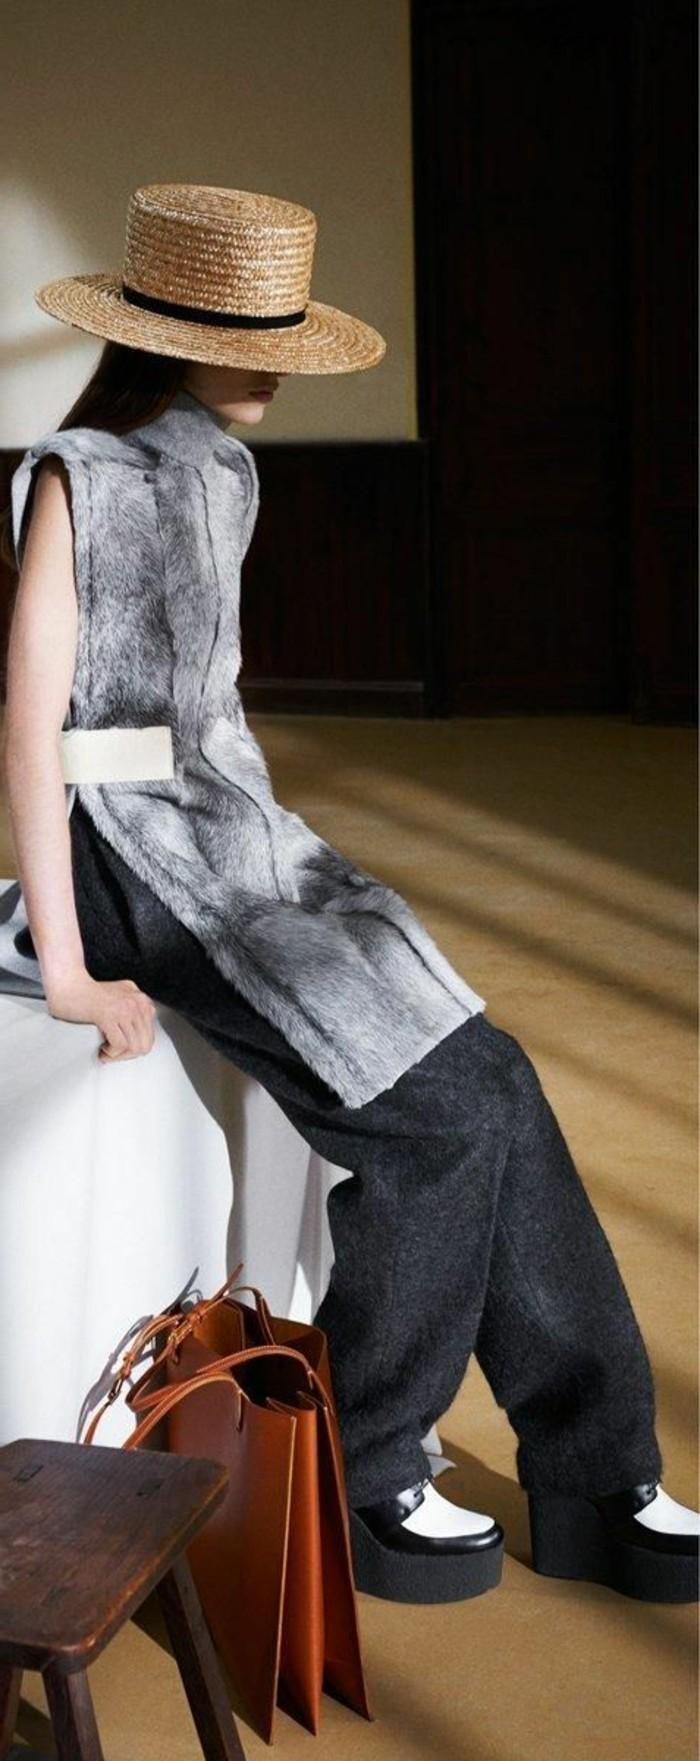 gilet-en-fourrure-gris-comment-porter-le-gilet-gris-pantalon-gris-femme-chapeau-rotin